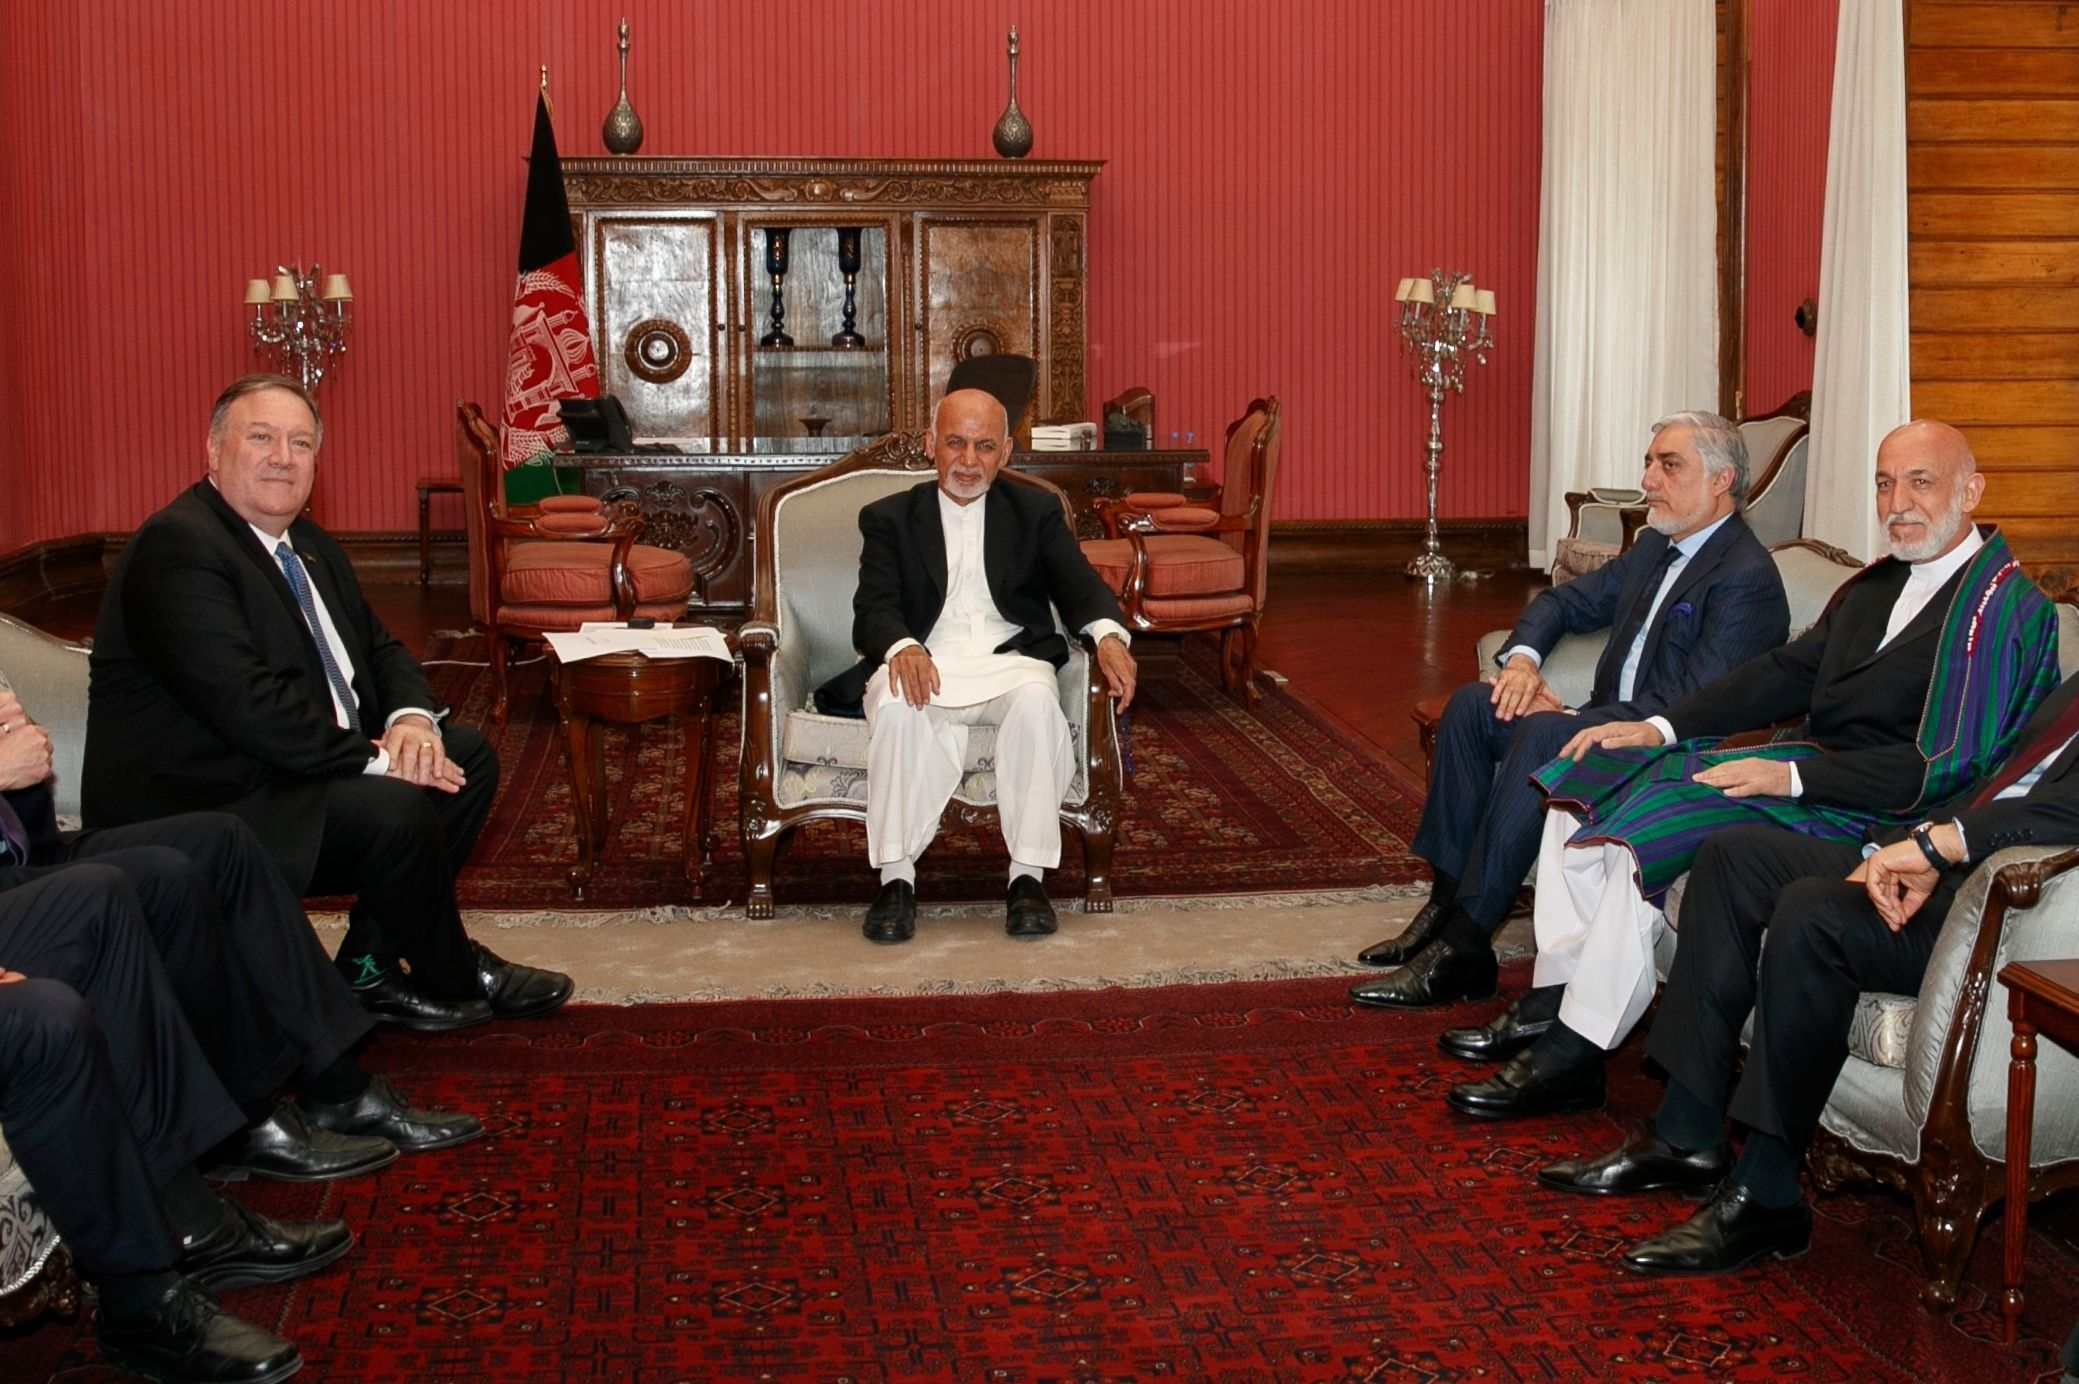 El secretario de Estado Mike Pompeo se reúne con el presidente afgano Ashraf Ghani. (AFP)